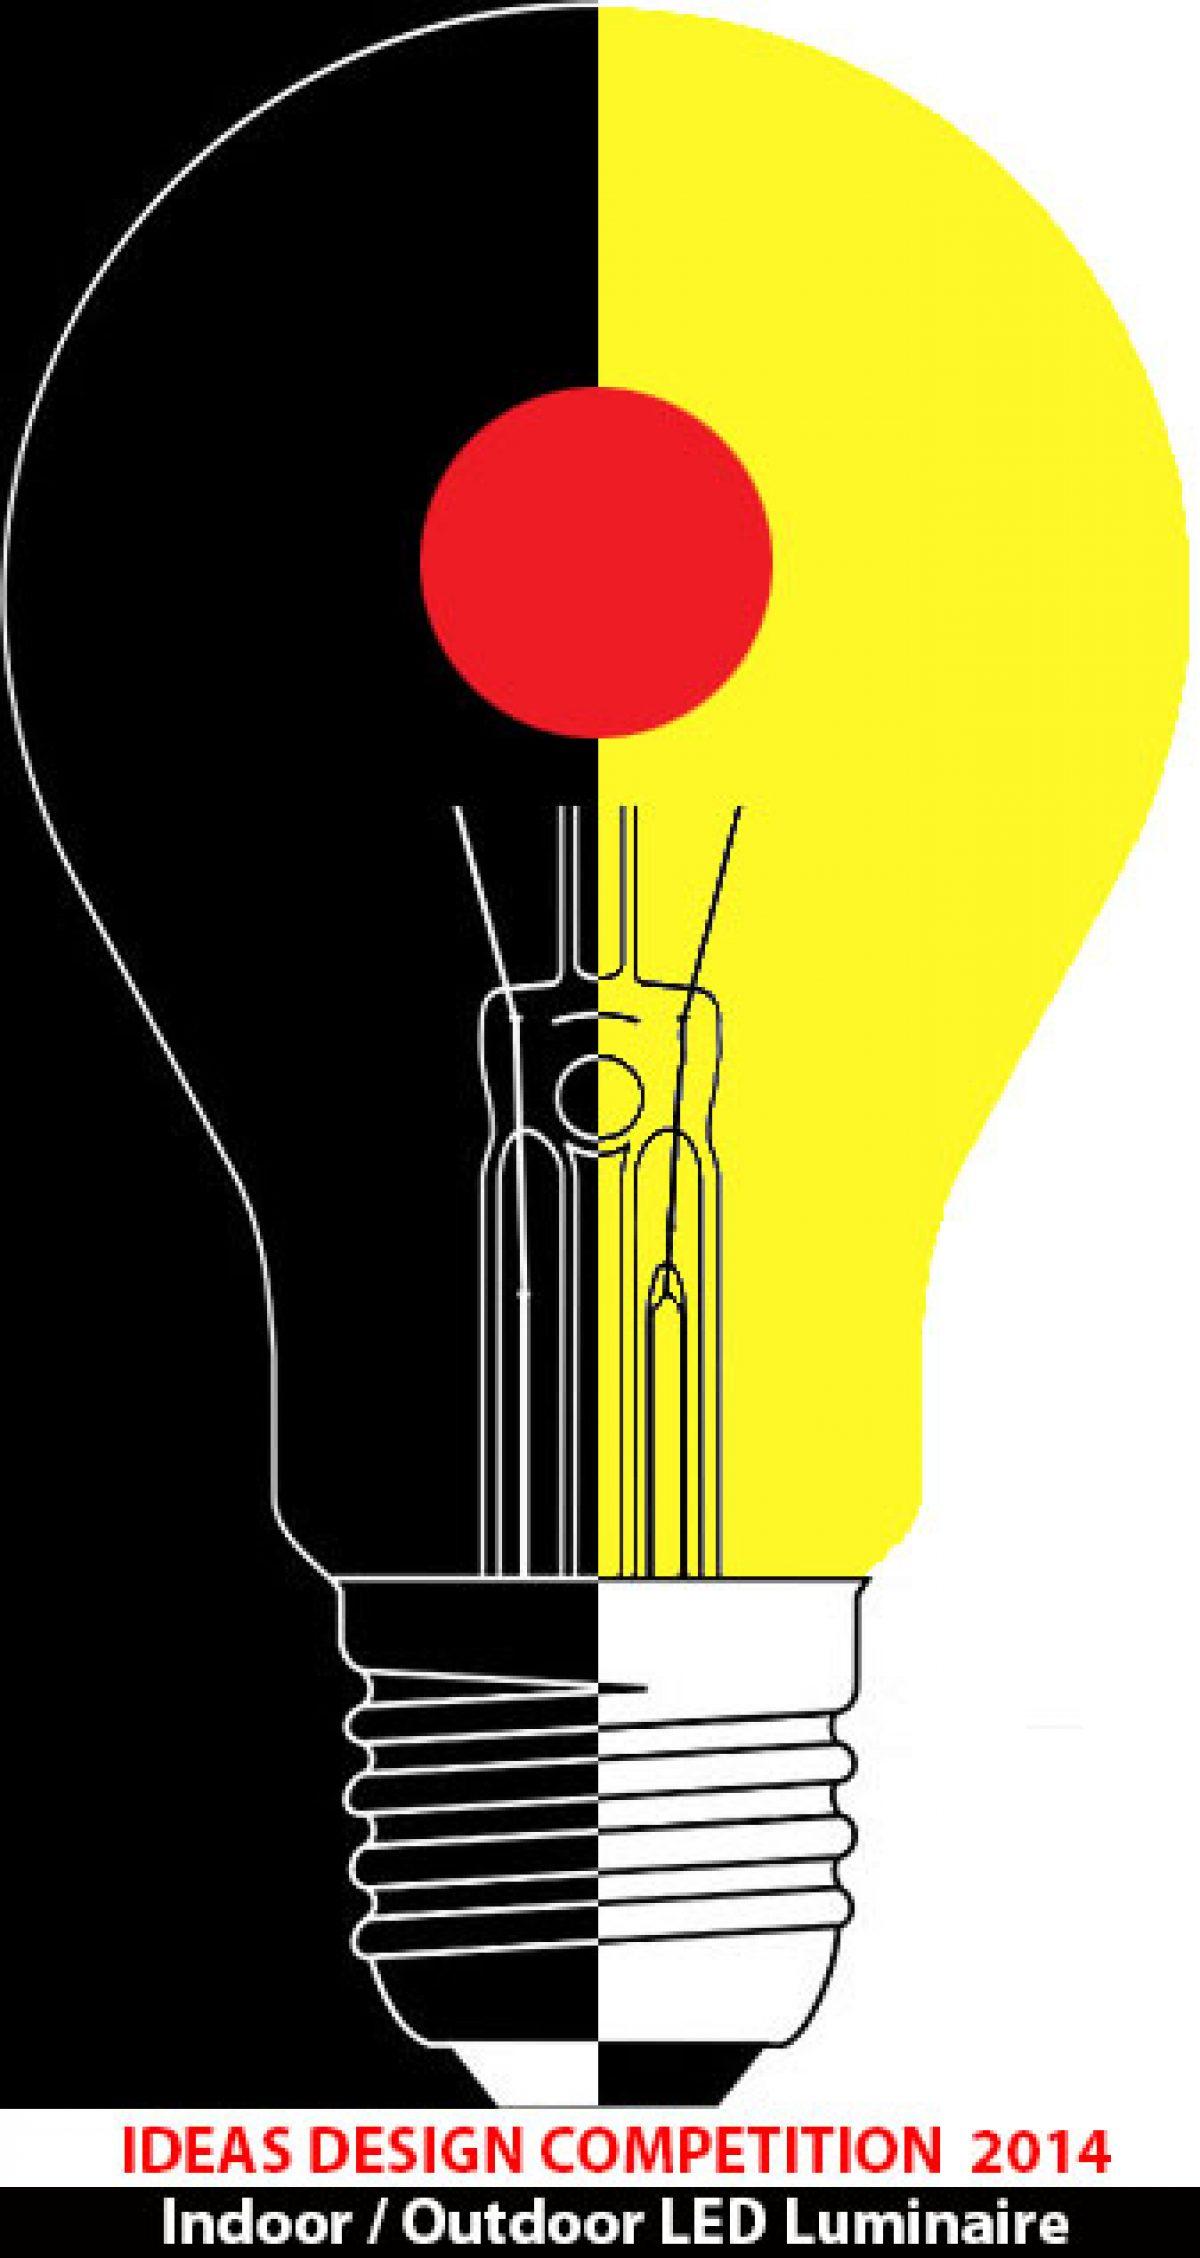 """Διαγωνισμός Ιδεών """"IDEAS DESIGN COMPETITION, Indoor / Outdoor LED Luminaire 2014"""""""